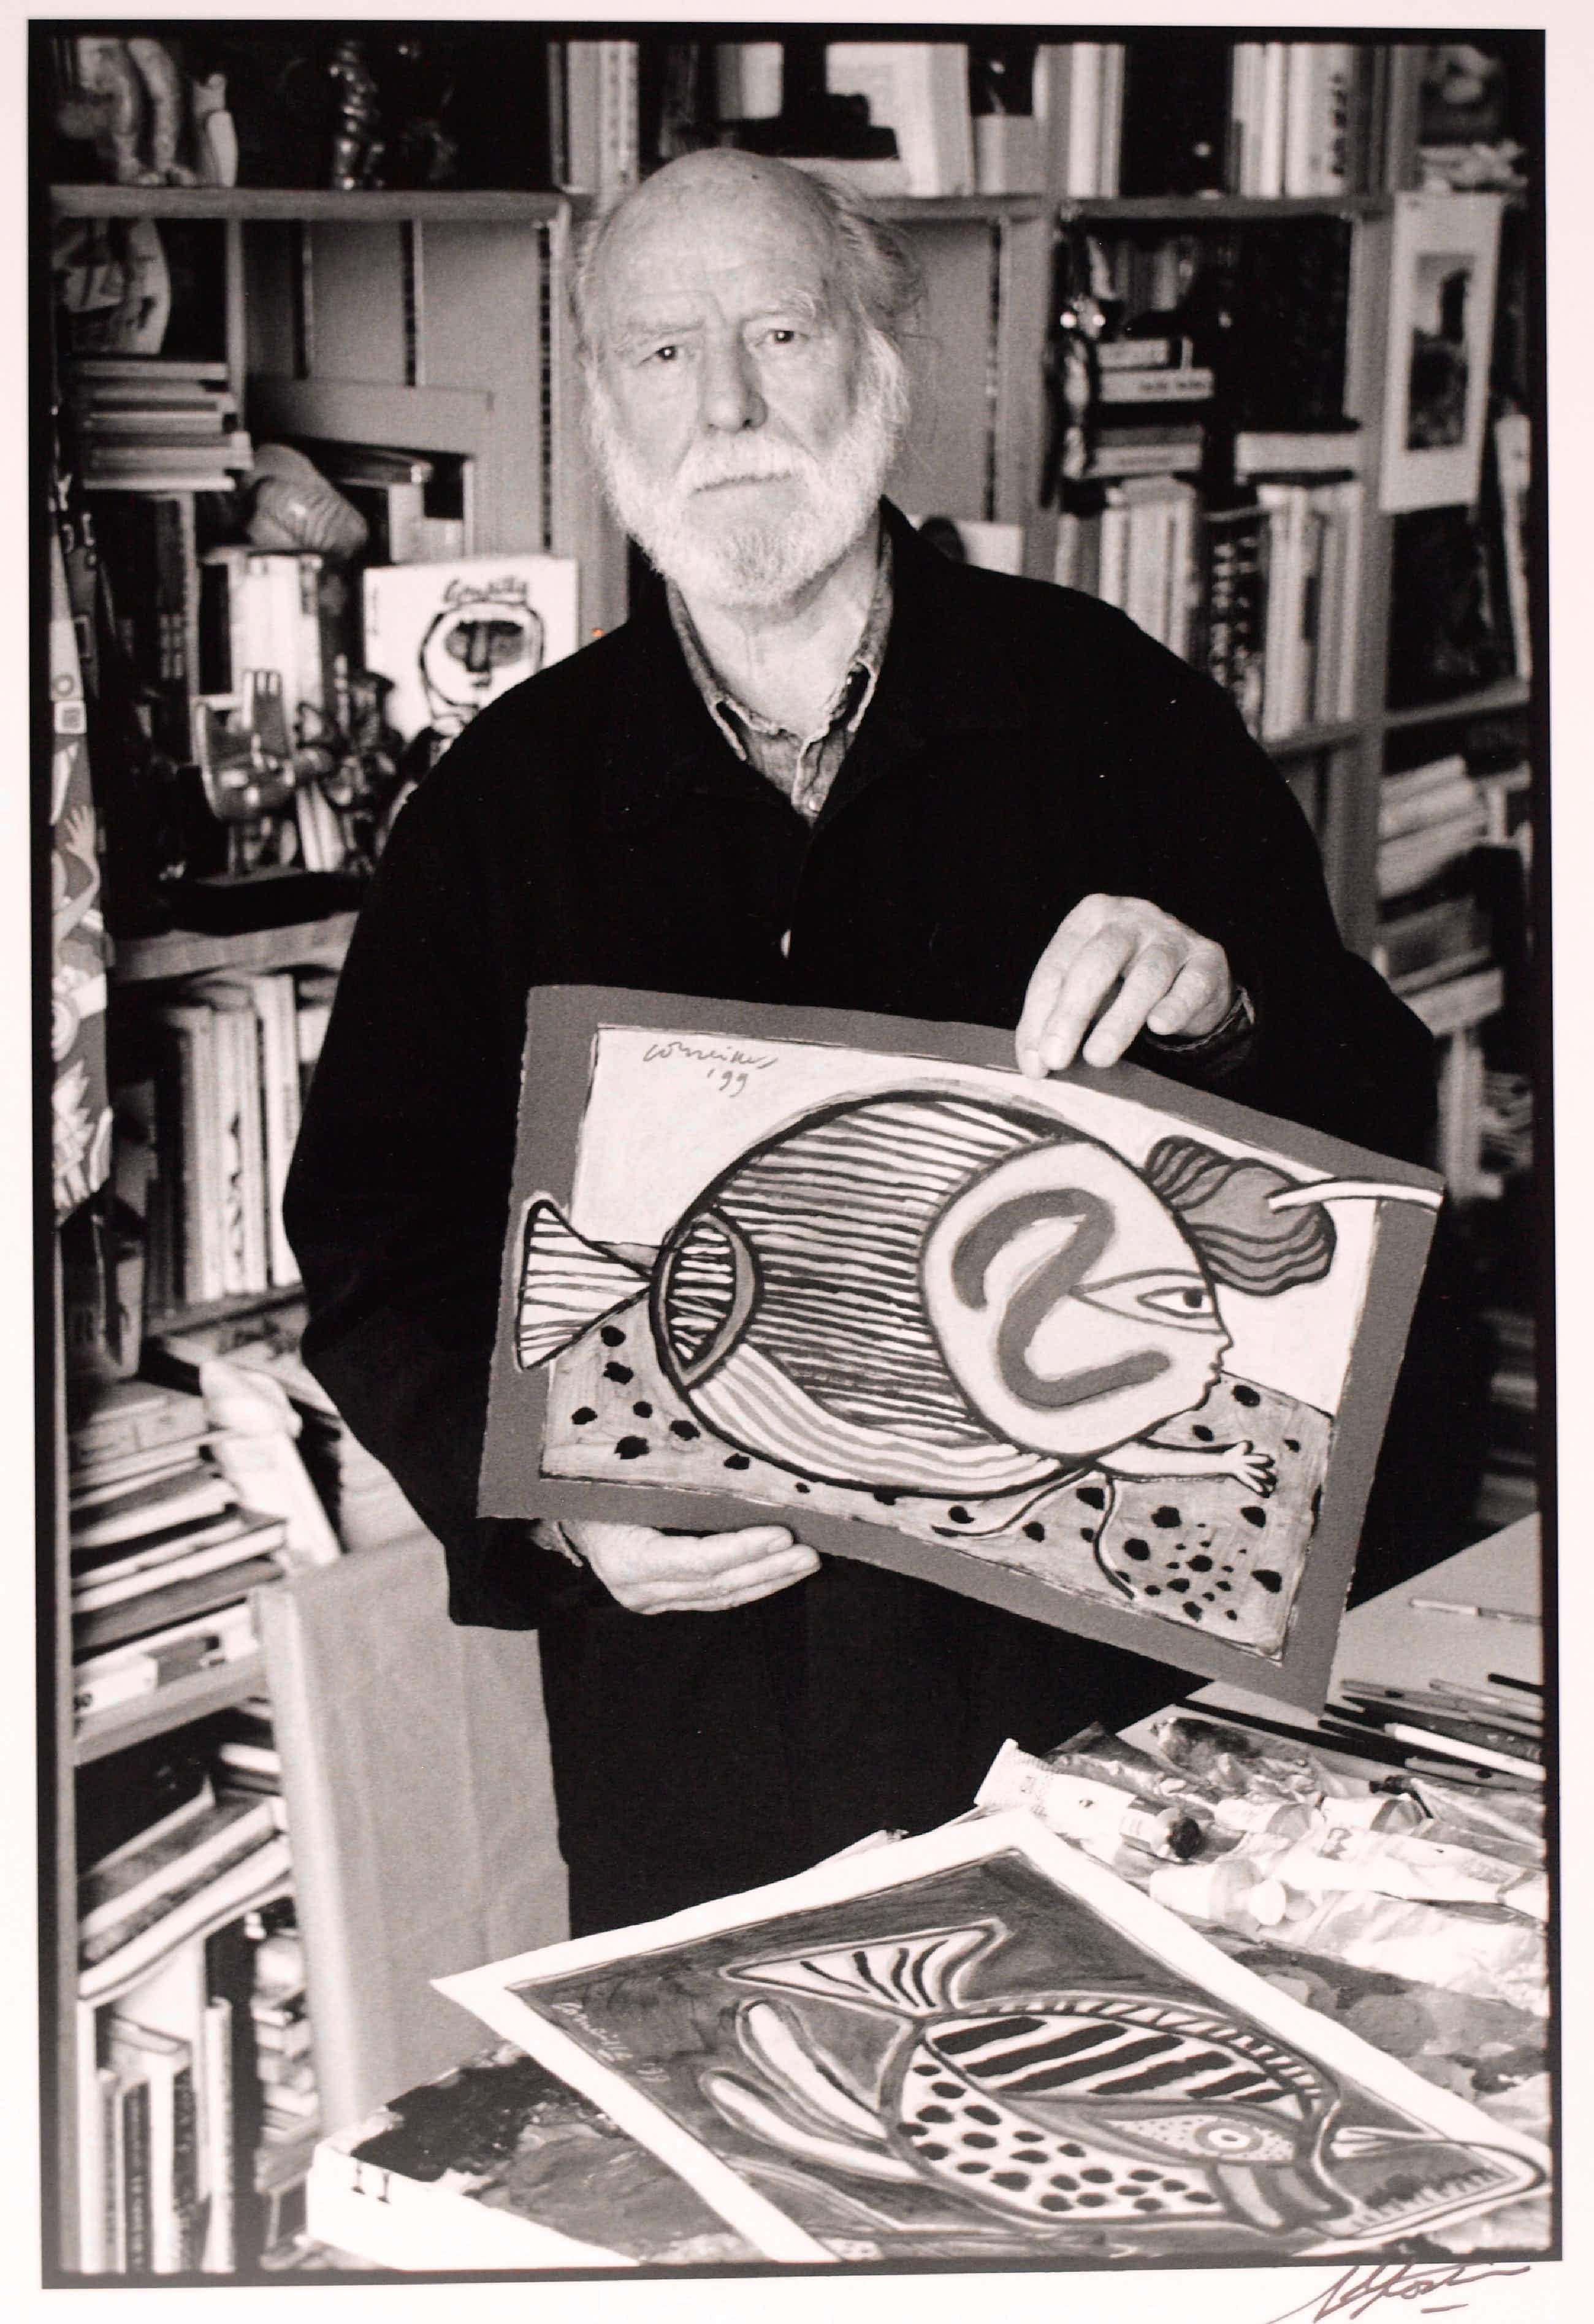 Nico Koster - Corneille in zijn atelier - Foto van Nico Koster - 1999 kopen? Bied vanaf 150!